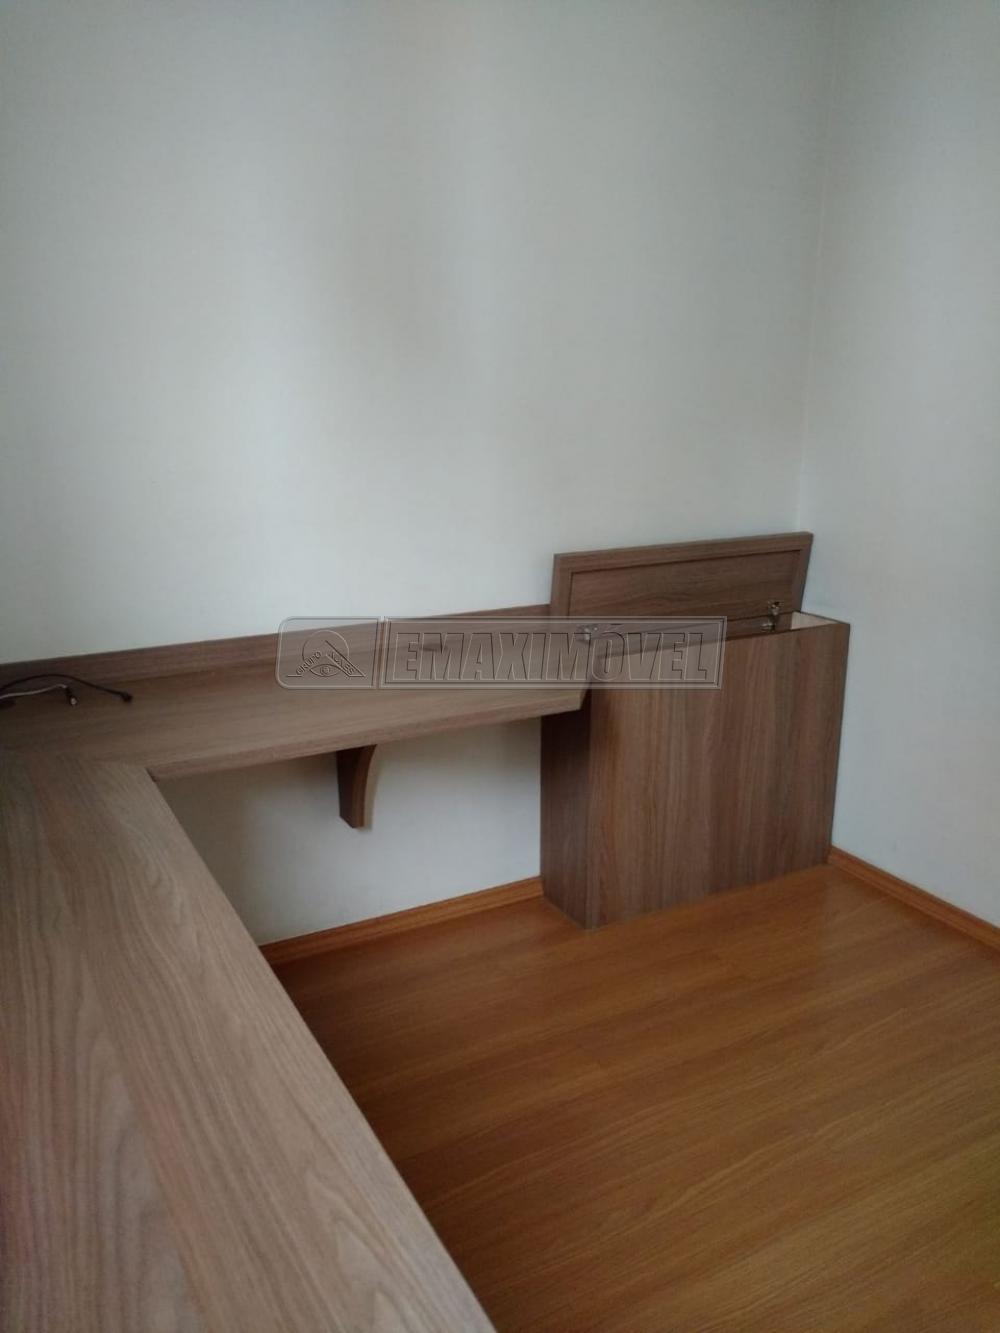 Comprar Apartamentos / Apto Padrão em Sorocaba apenas R$ 260.000,00 - Foto 17